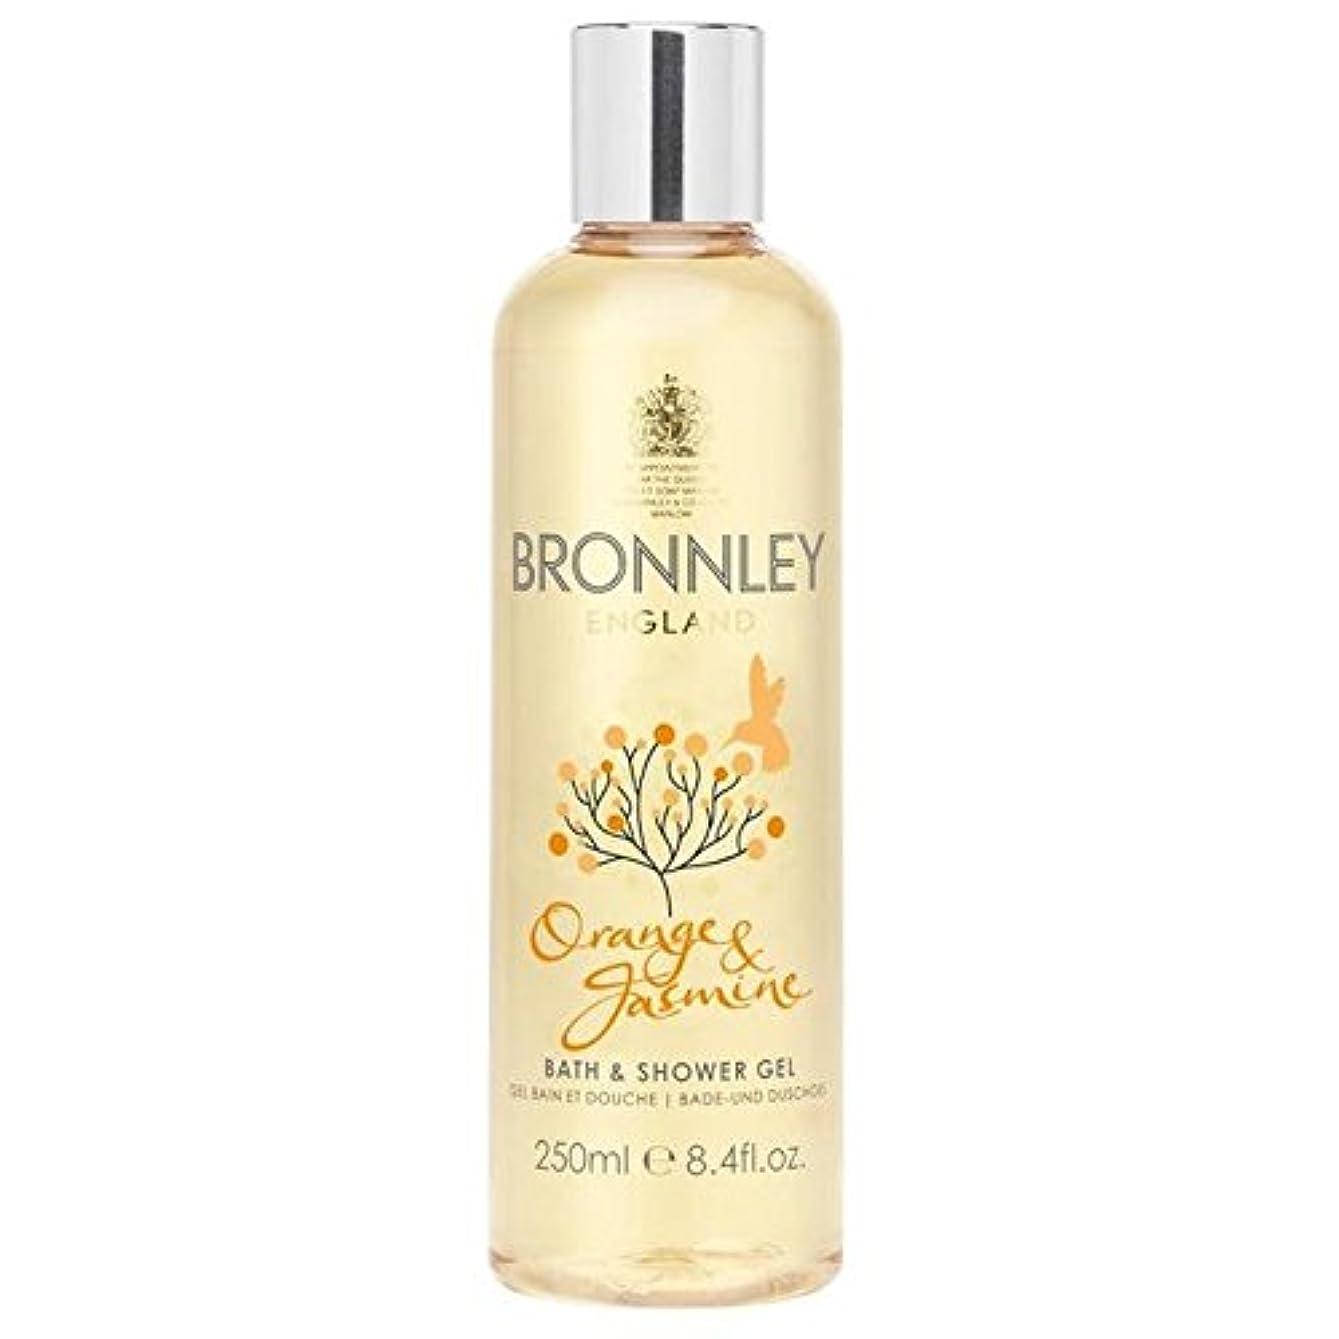 トーク取る一部Bronnley Orange & Jasmine Bath & Shower Gel 250ml - オレンジ&ジャスミンバス&シャワージェル250ミリリットル [並行輸入品]